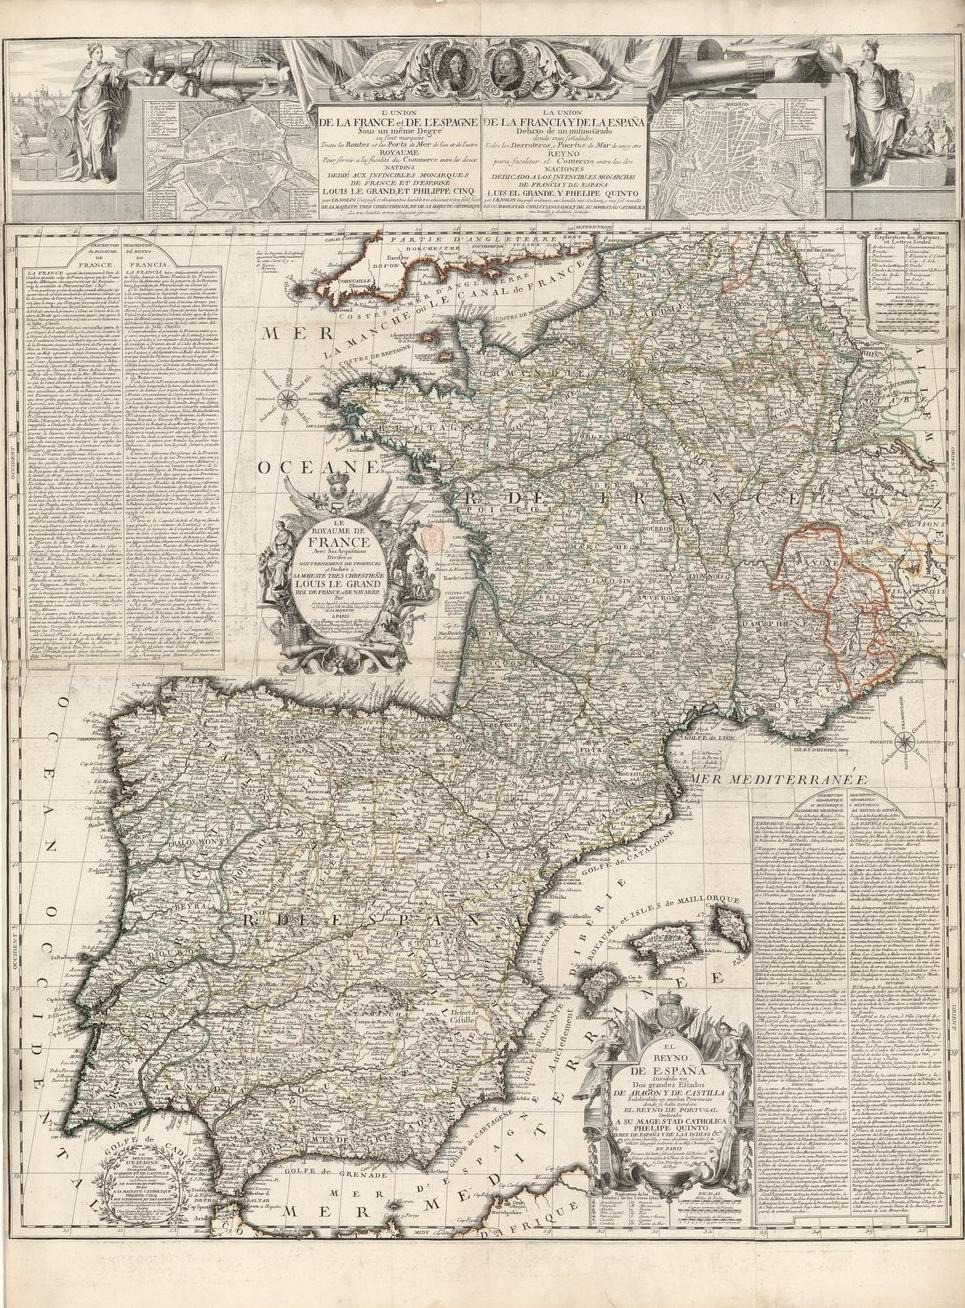 El union de la France te del Espagne sueldos un même degré (1700), obra de Nolin. Fuente Cartoteca de Catalunya